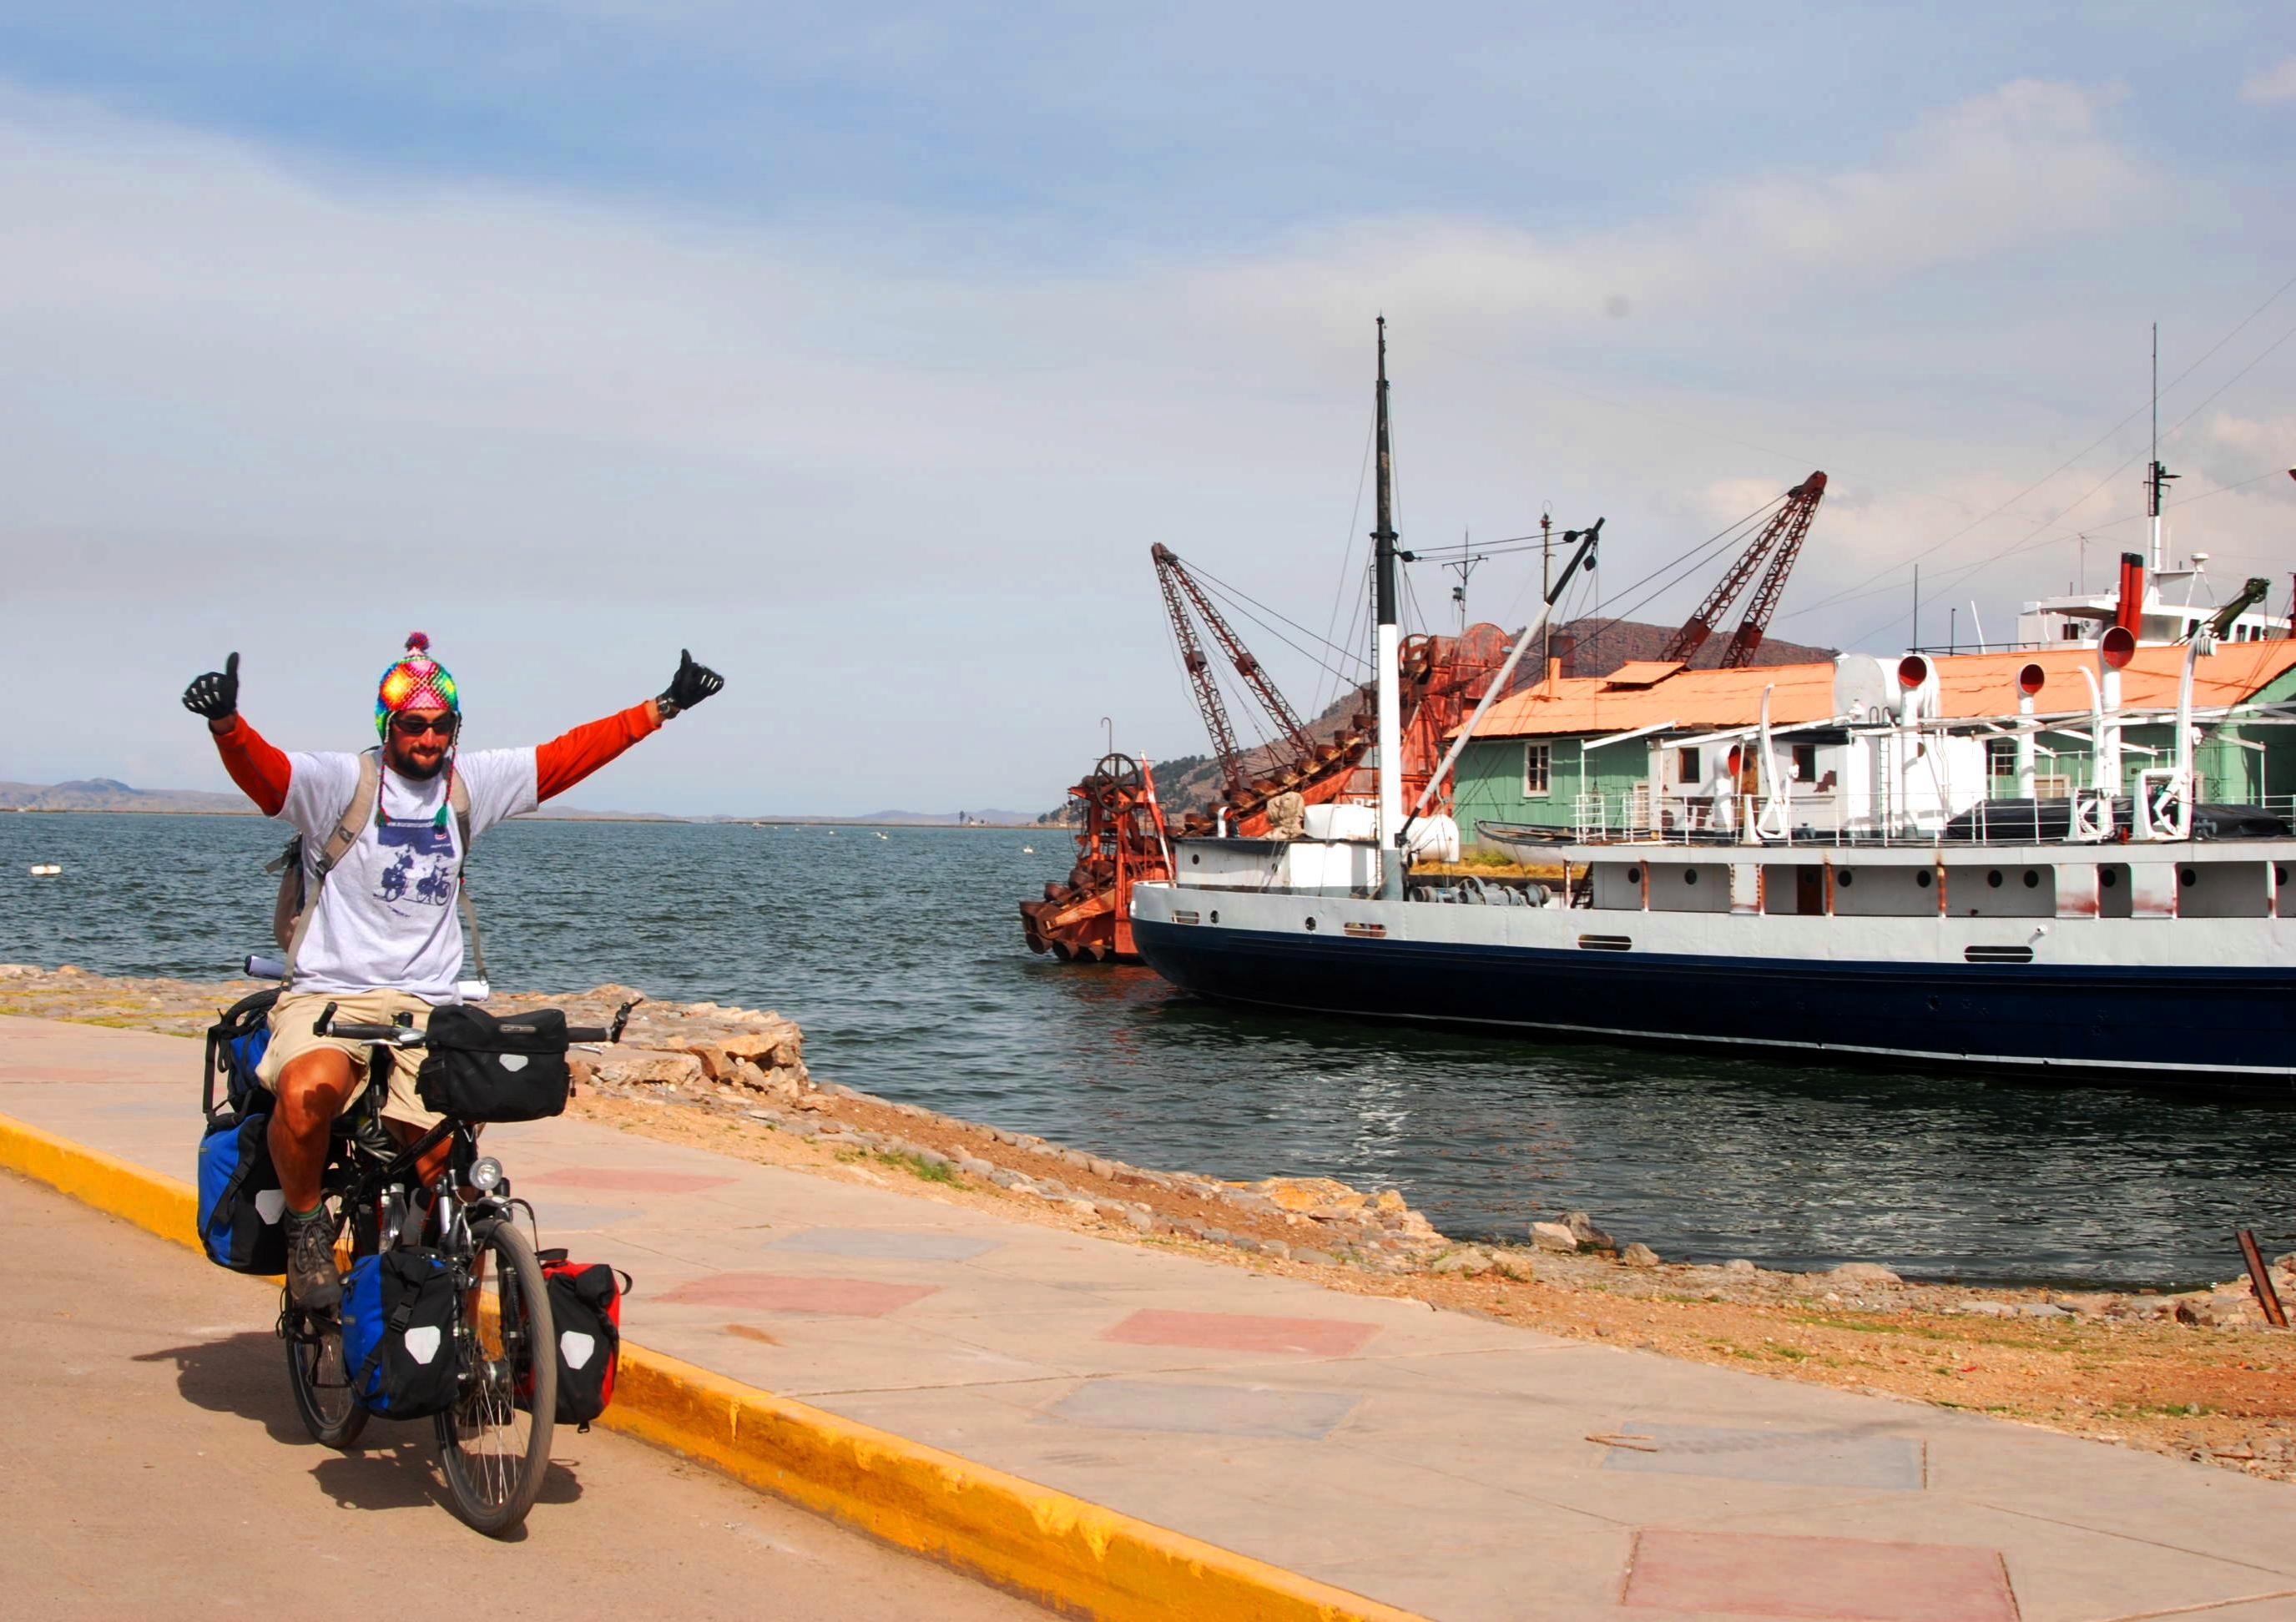 Pedalendo en el Titicaca